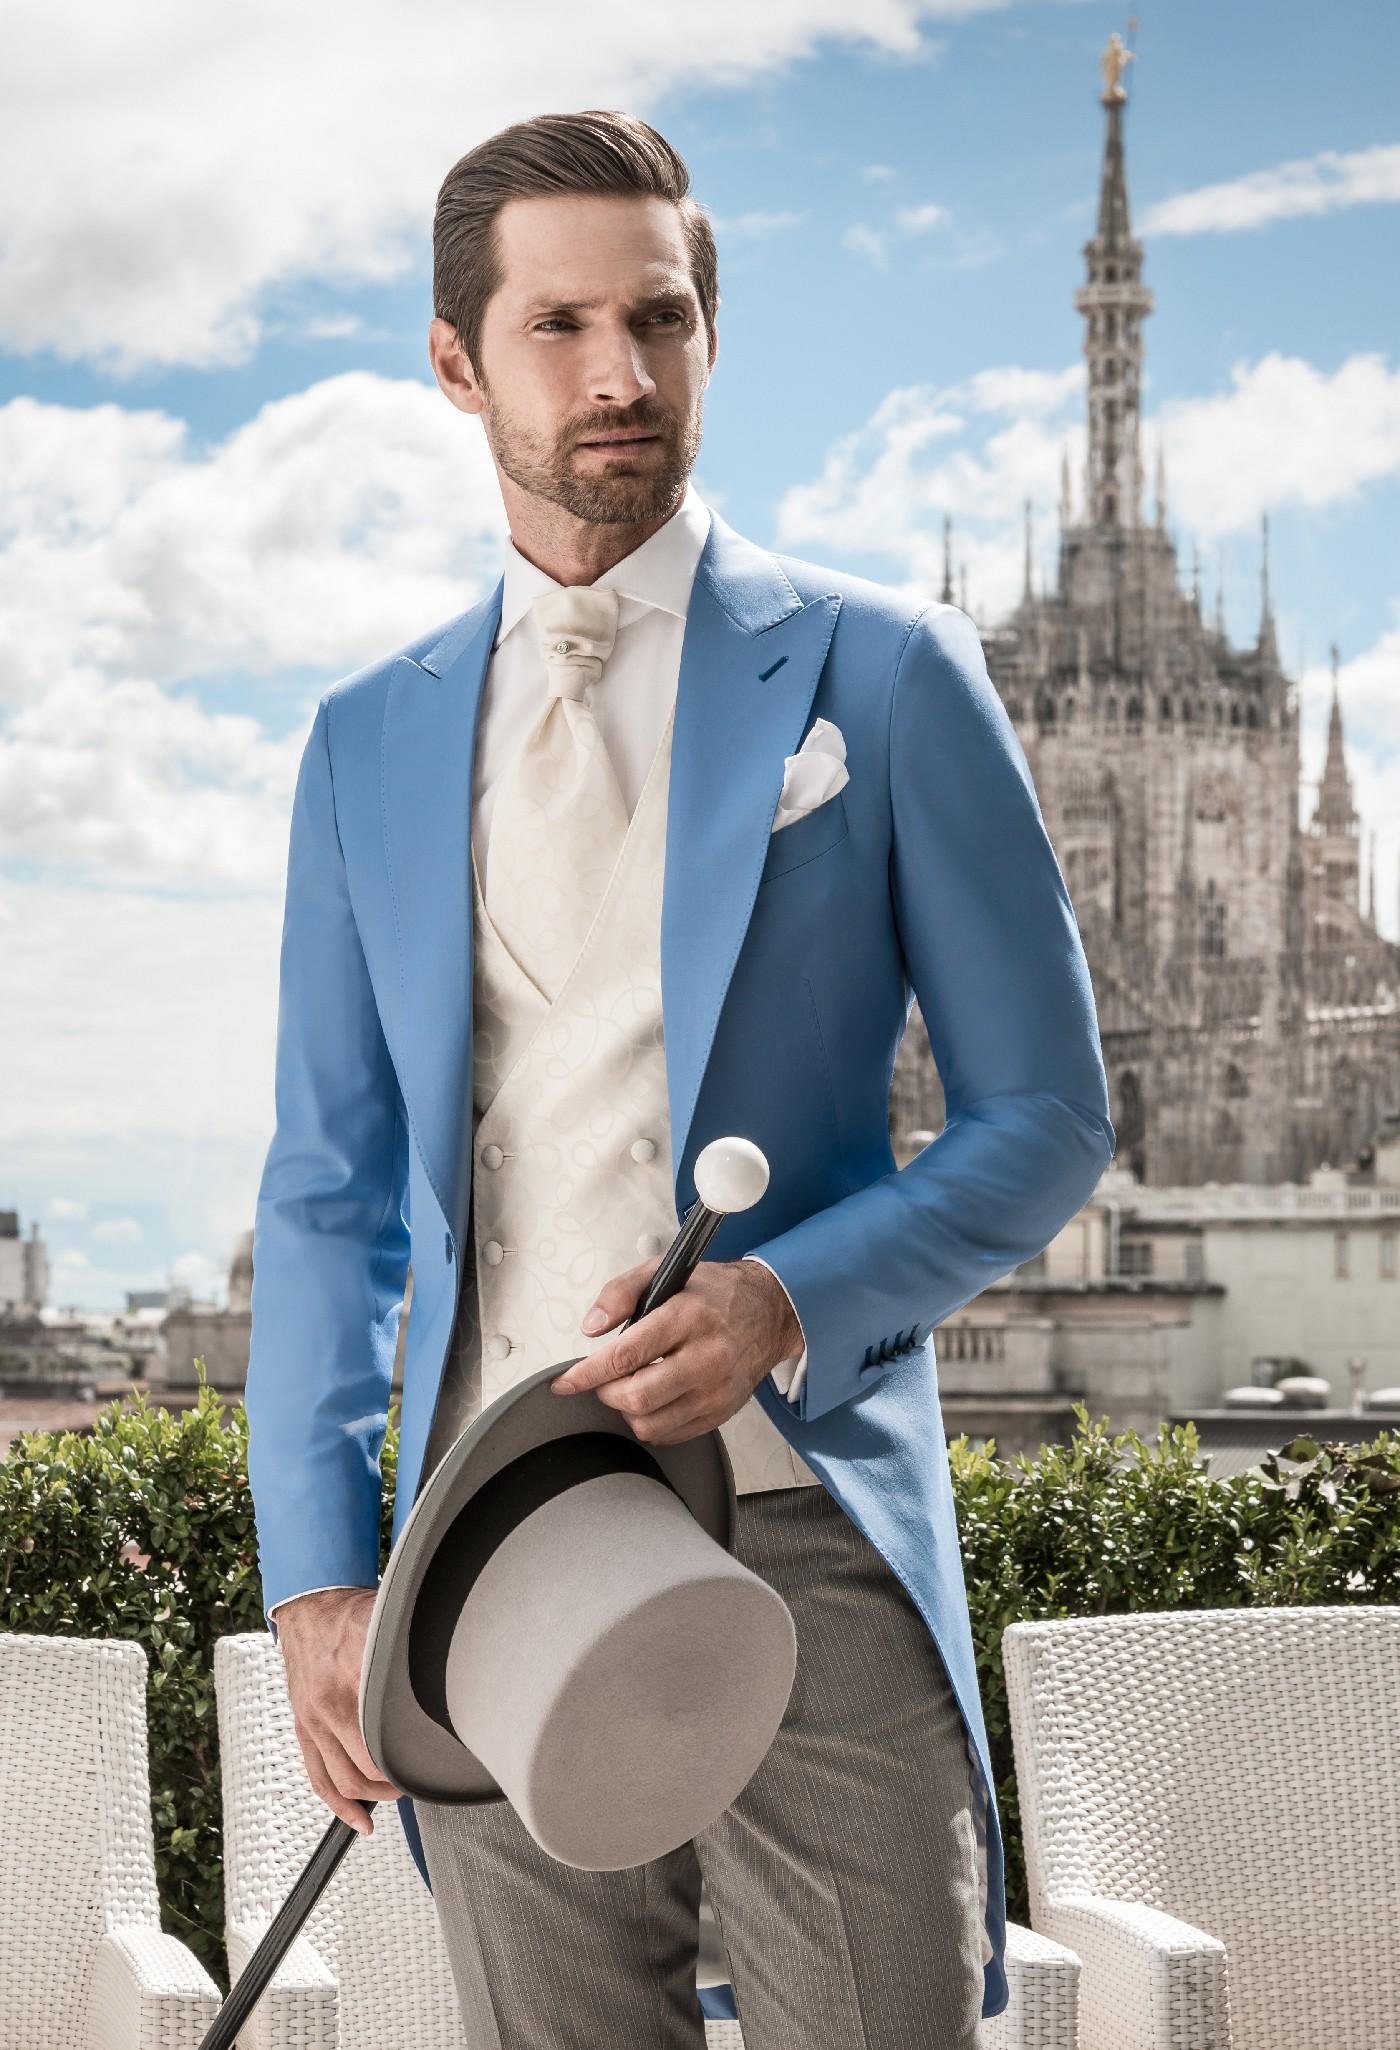 Các chuyên gia của Mon Amie sẽ sử dụng quy chuẩn riêng của mình để thiết kế cho bạn một bộ Vest vừa vặn với vóc dáng